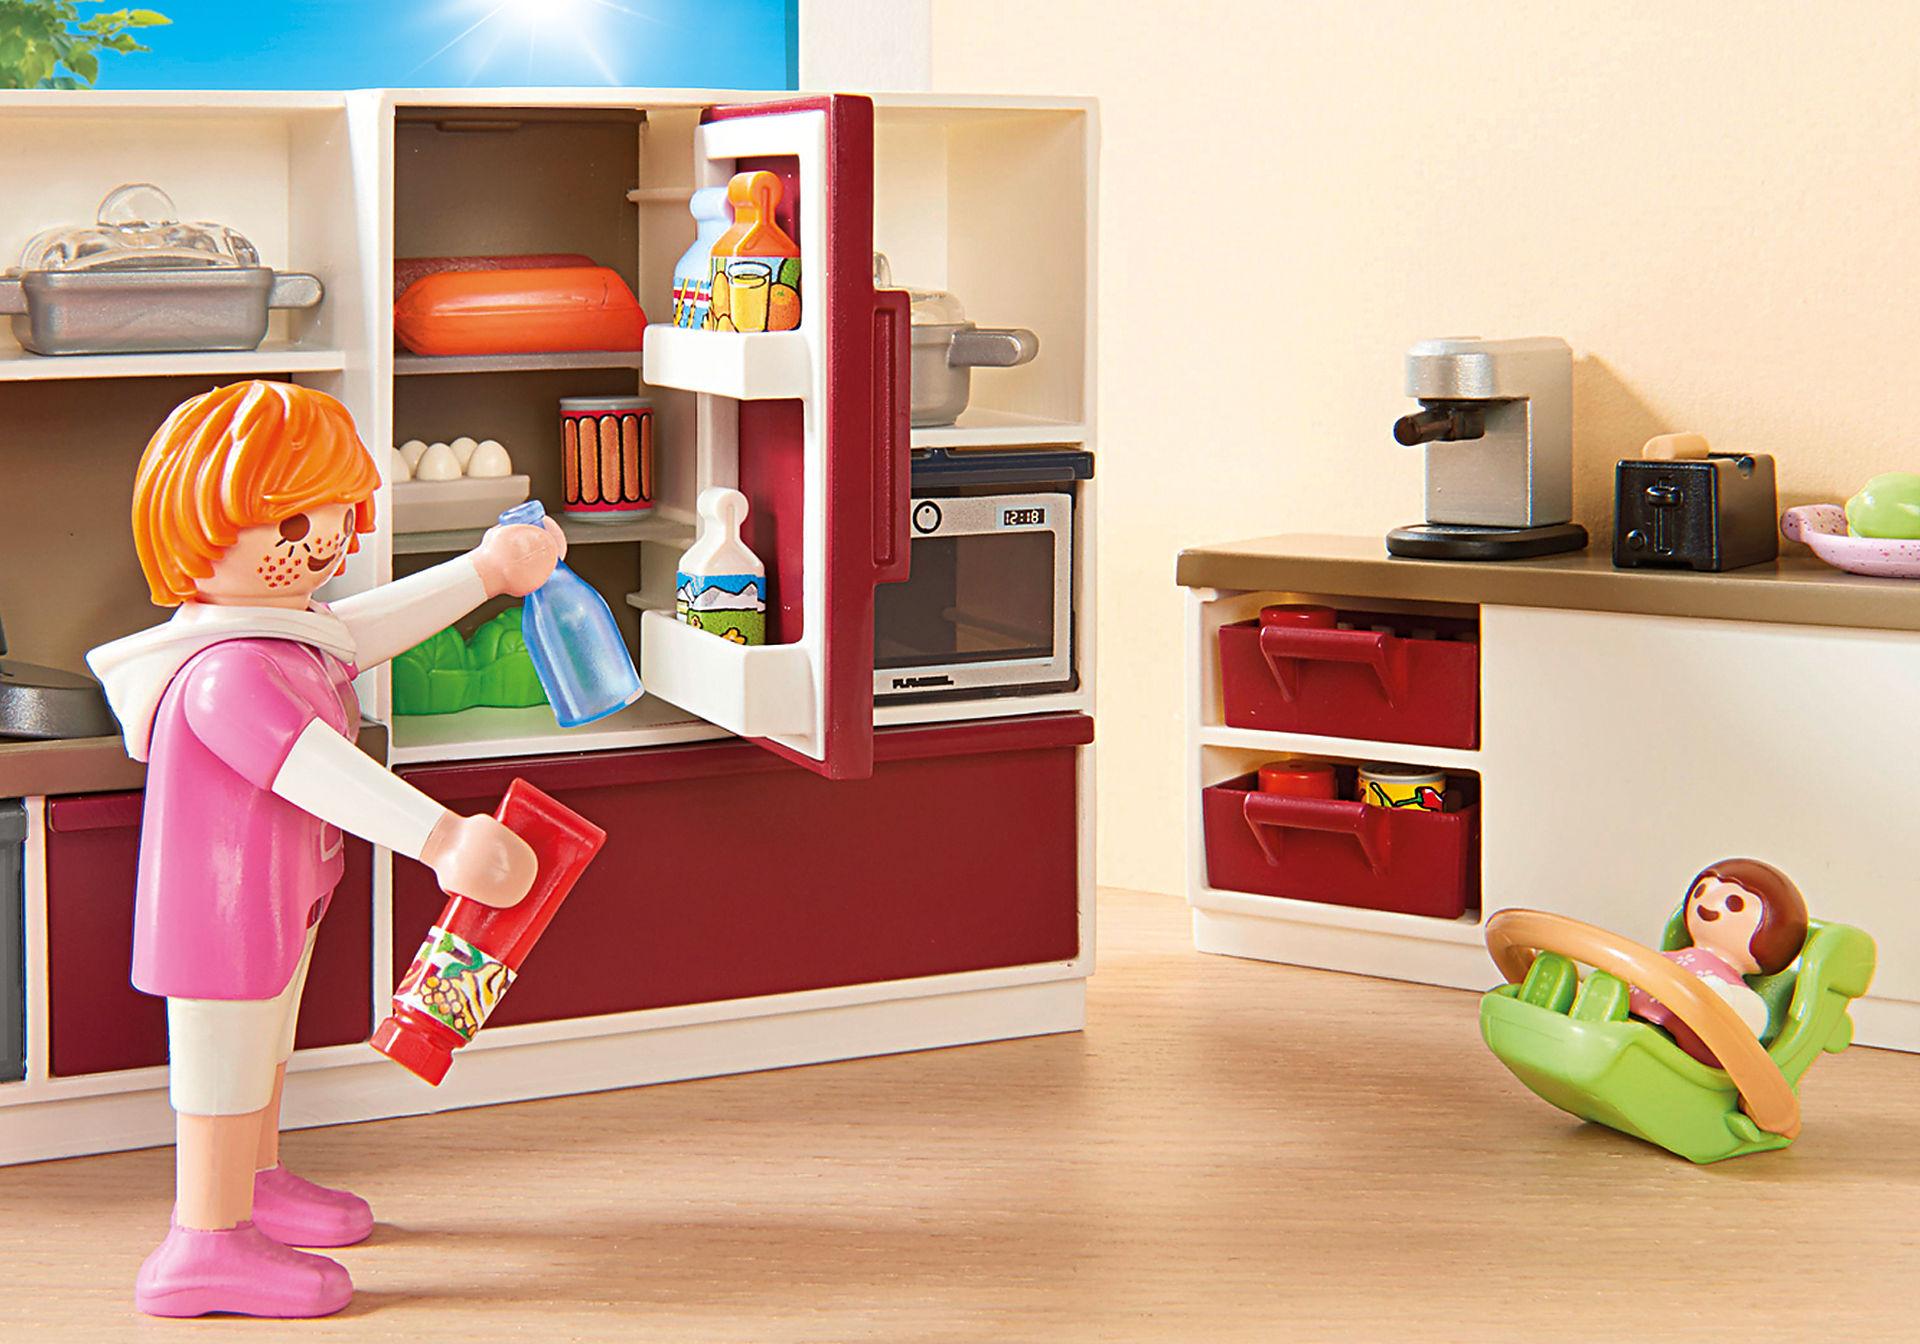 http://media.playmobil.com/i/playmobil/9269_product_extra3/Stort kök för hela familjen